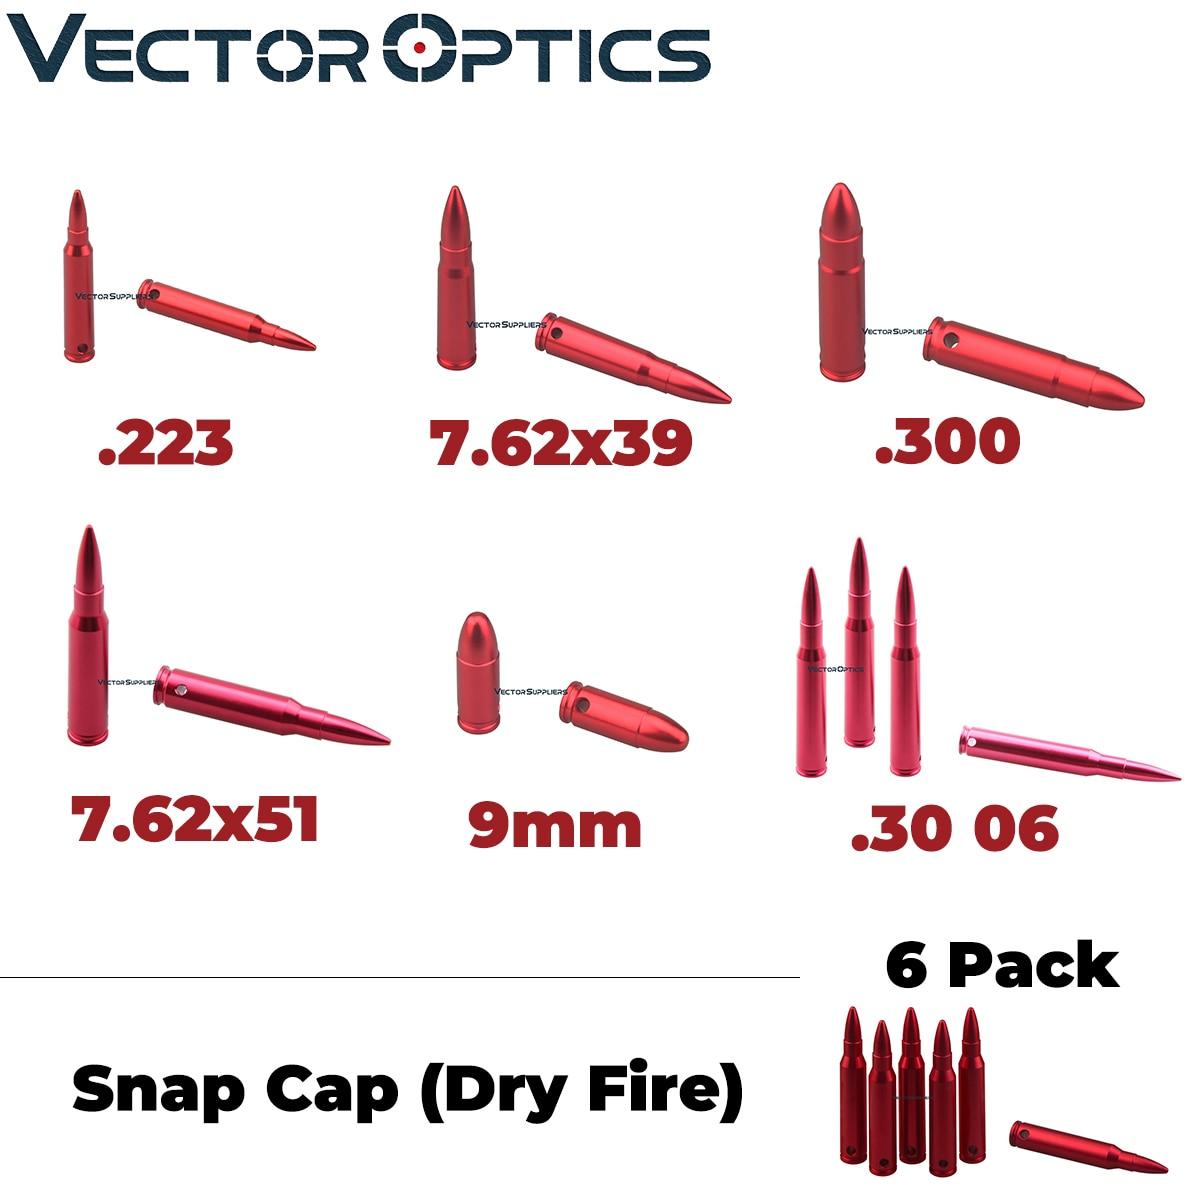 6 упаковок, колпачки для сухих огнеупорных винтовок векторной оптики, безопасные круглые пистолетные калибры 7,62x39 мм, 223, 300, 30, 06, 308, 9 мм